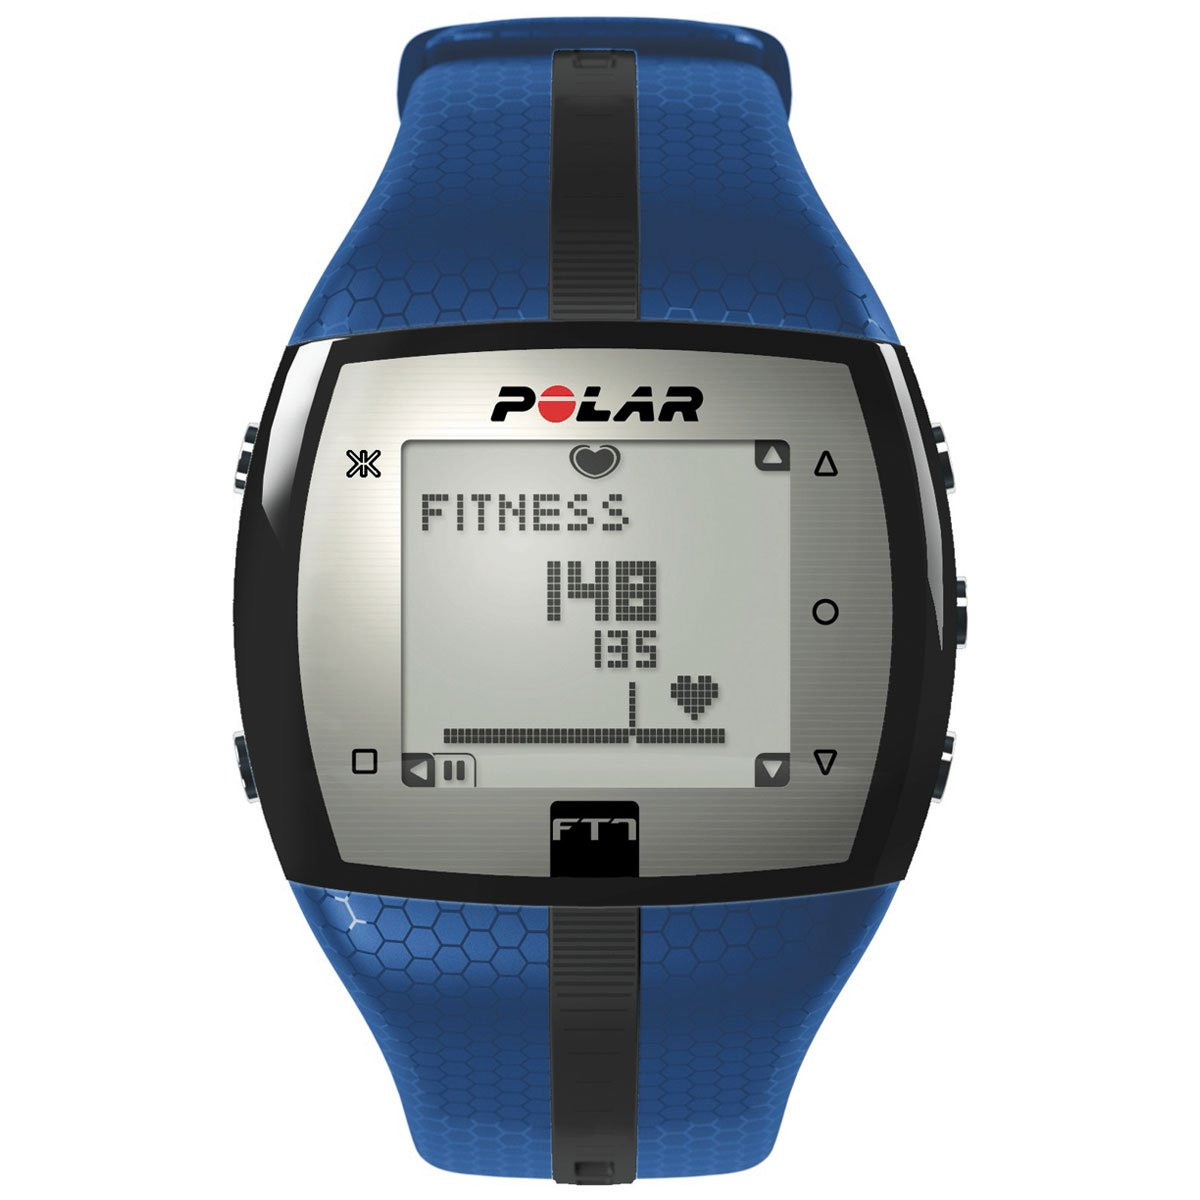 Monitor Cardíaco Polar FT7  Monitor Cardíaco Polar FT7 fcca3c211f